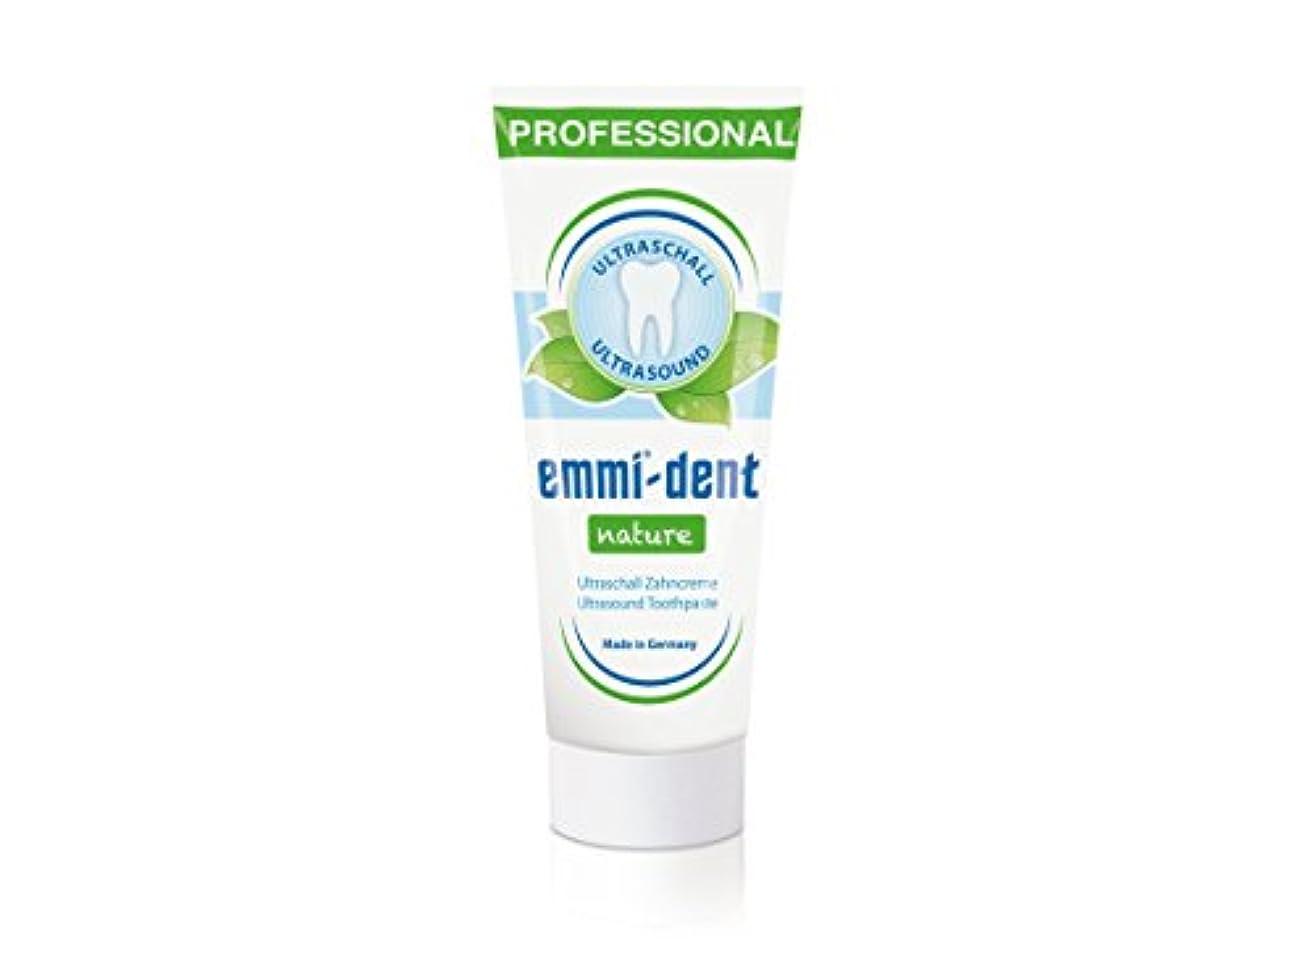 破壊するデイジー怠感Emmi−dent(エミデント) 超音波歯ブラシ専用 歯磨きペースト エミデント ネイチャー 75g